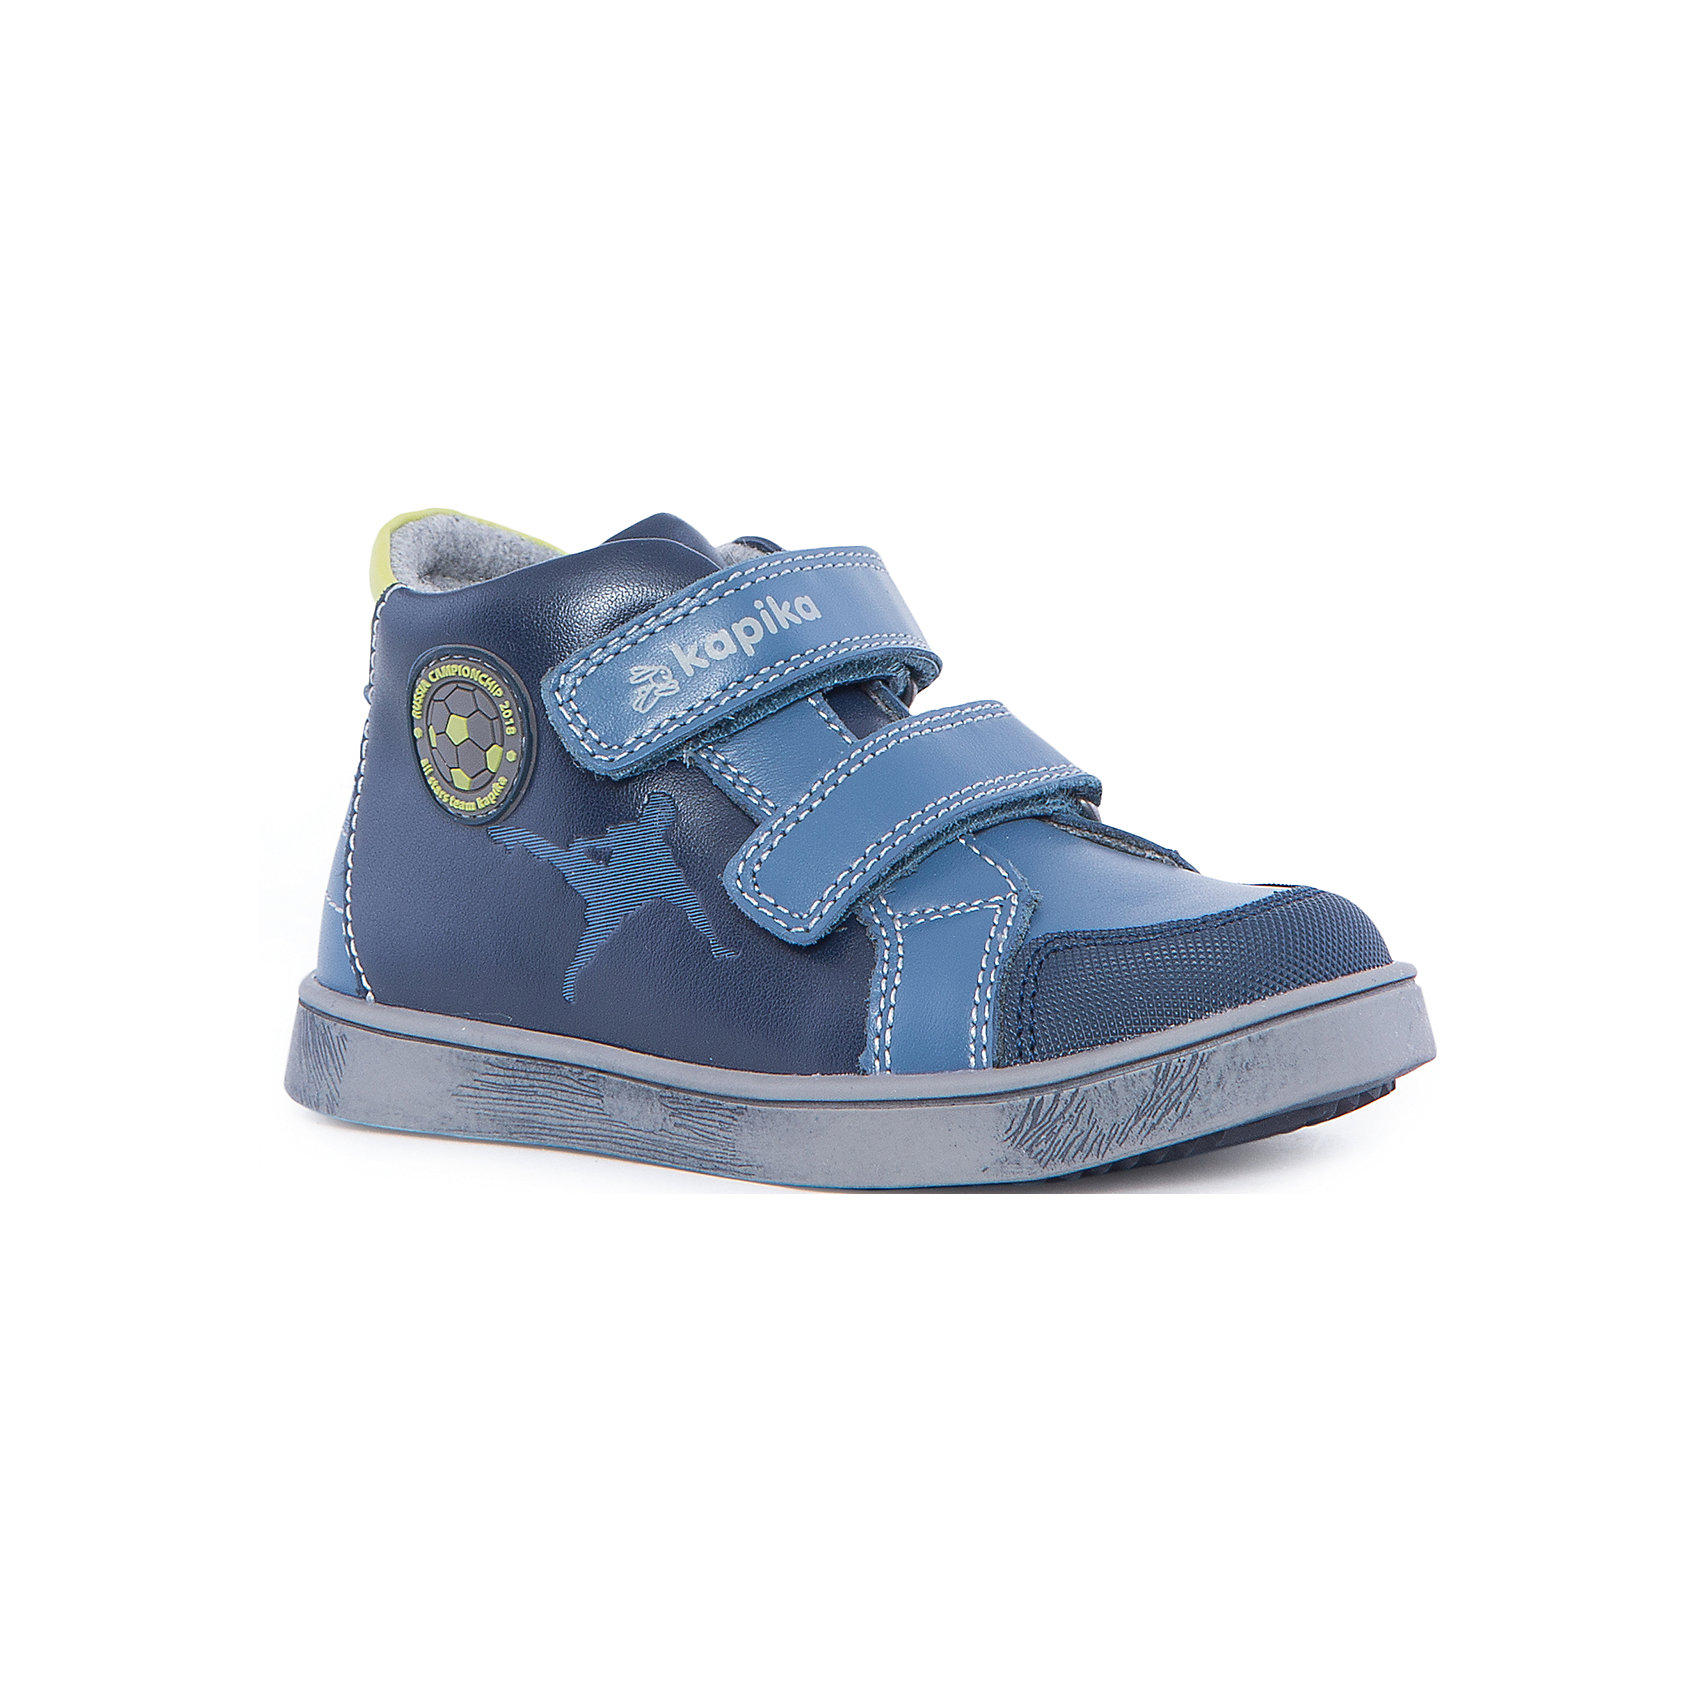 kapika ботинки для девочки kapika Kapika Ботинки для мальчика KAPIKA